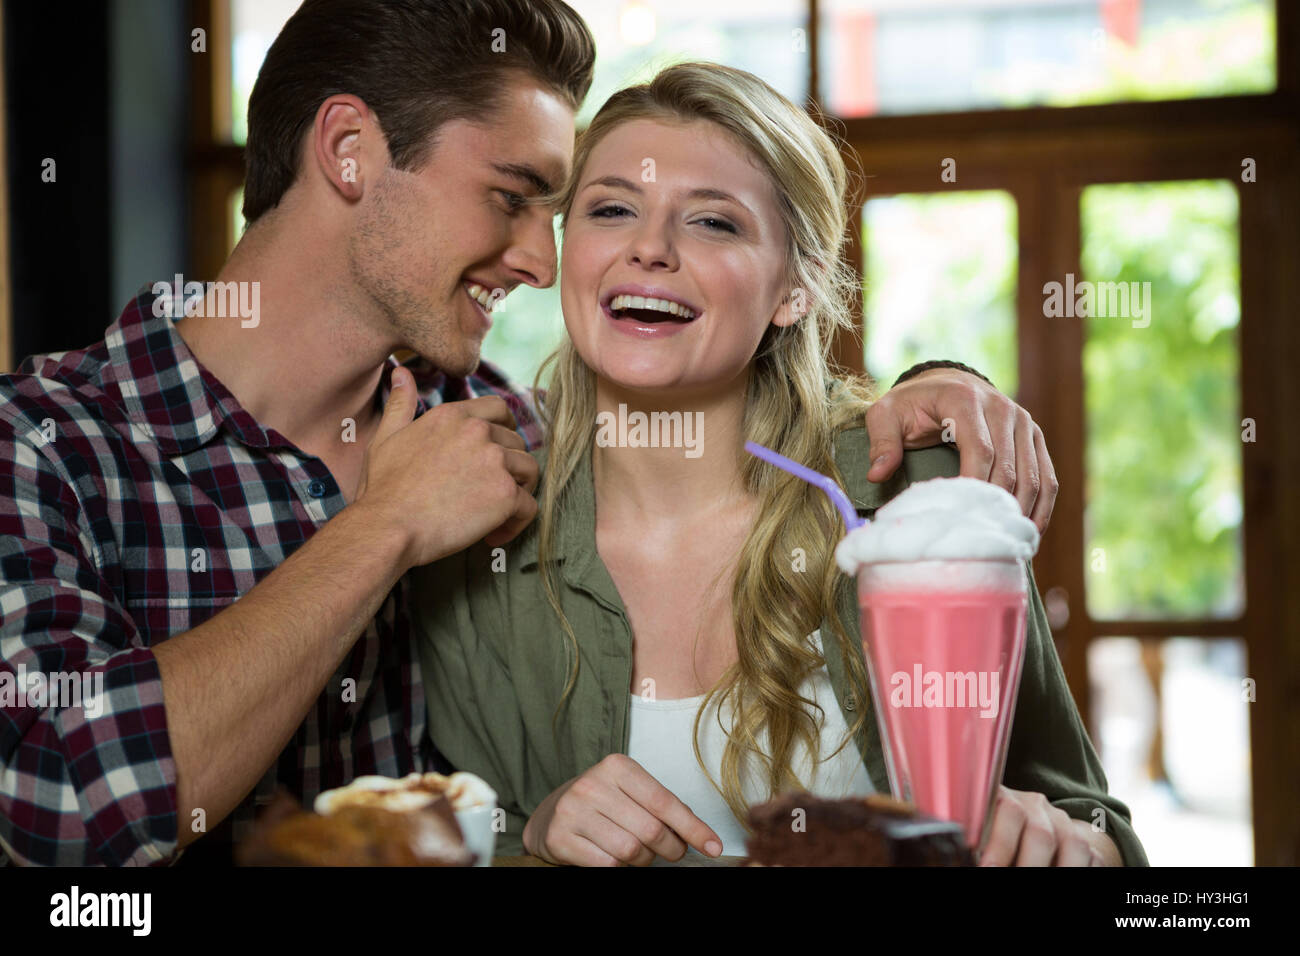 Romantico coppia giovane trascorrere del tempo di qualità nel coffee shop Immagini Stock